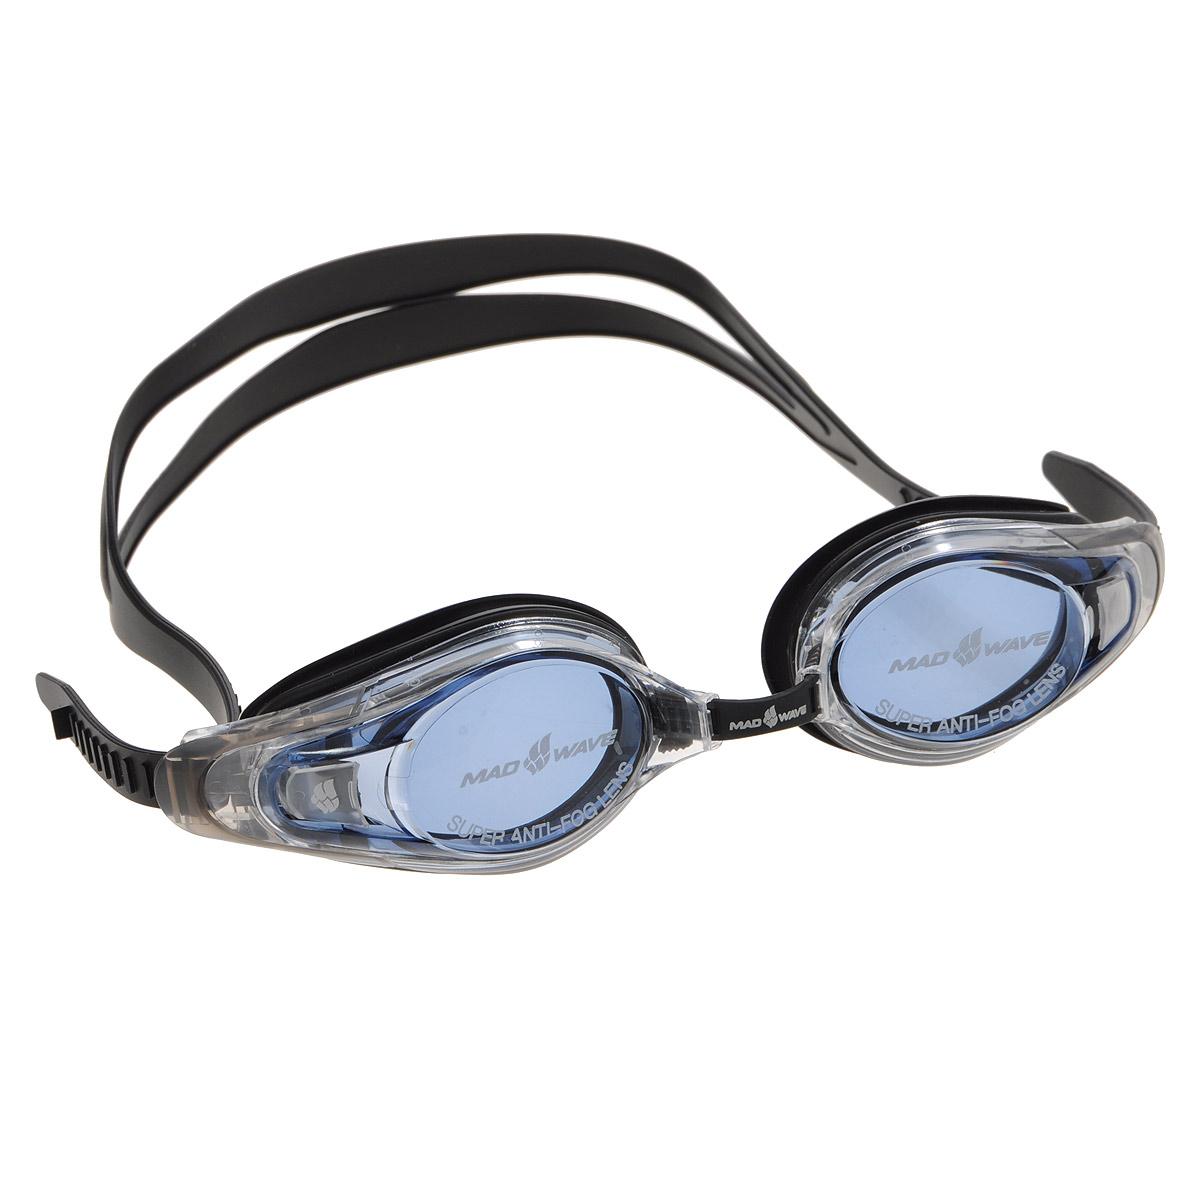 Очки для плавания с диоптриями MadWave Optic Envy Automatic, цвет: черный, -8M0430 16 M 05WОчки для плавания с диоптриями MadWave Optic Envy Automatic. Выполнены из поликарбоната и силикона. Особенности: Удобные очки с оптической силой -8. Система автоматической регулировки ремешков на корпусе очков. Защита от ультрафиолетовых лучей. Антизапотевающие стекла. Регулируемая восьмиступенчатая носовая перемычка. Сменная линза. Надежная безклеевая фиксация обтюратора. Плоский силиконовый ремешок.